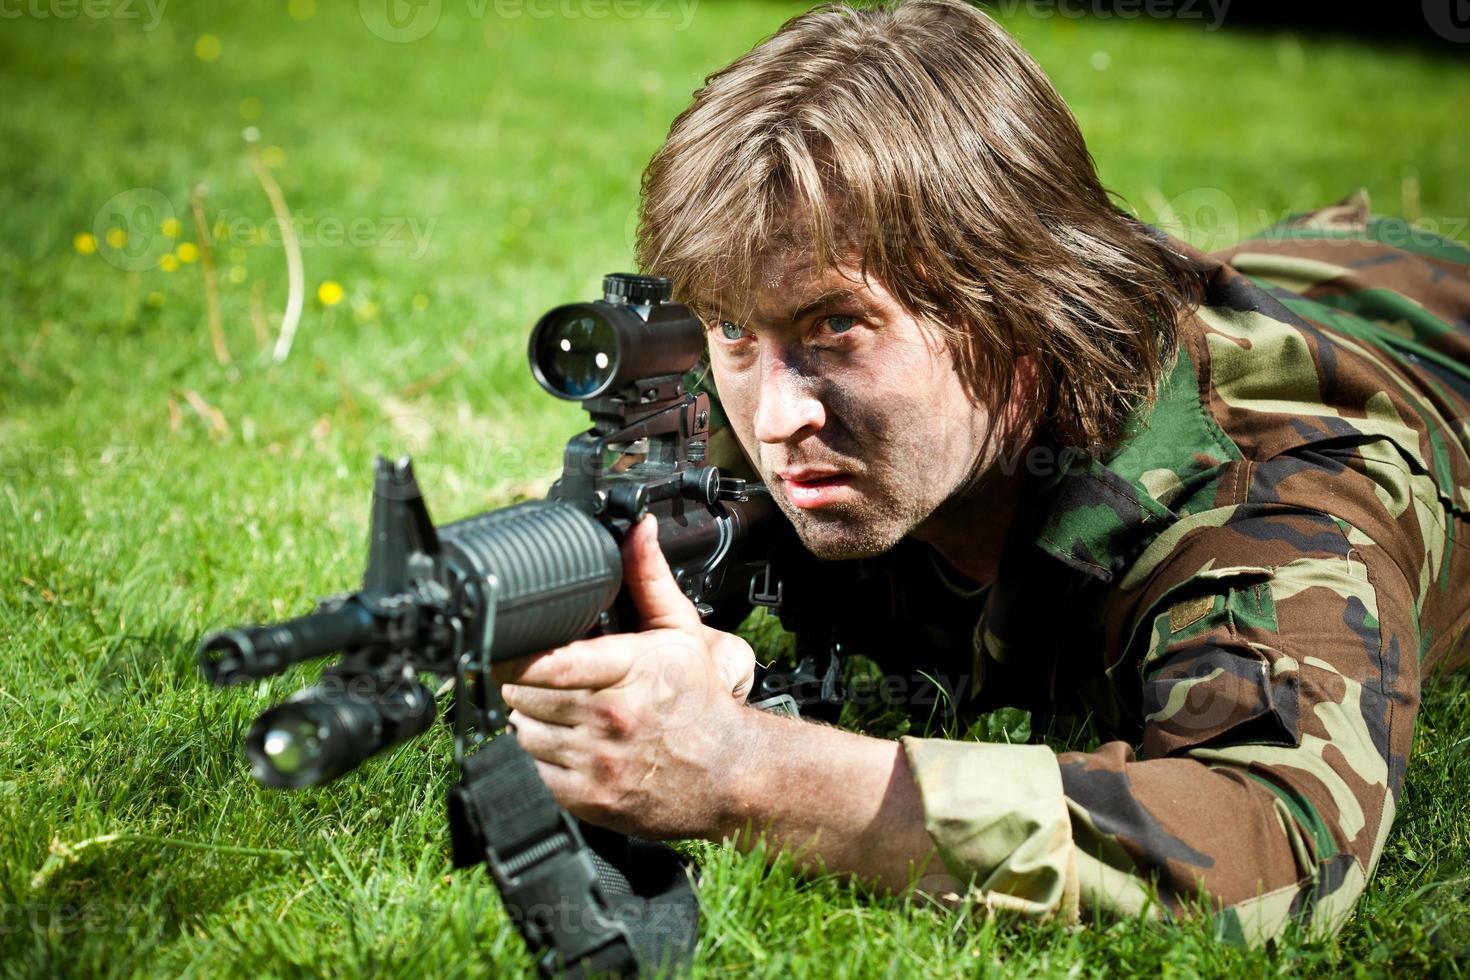 soldado apuntando el rifle foto